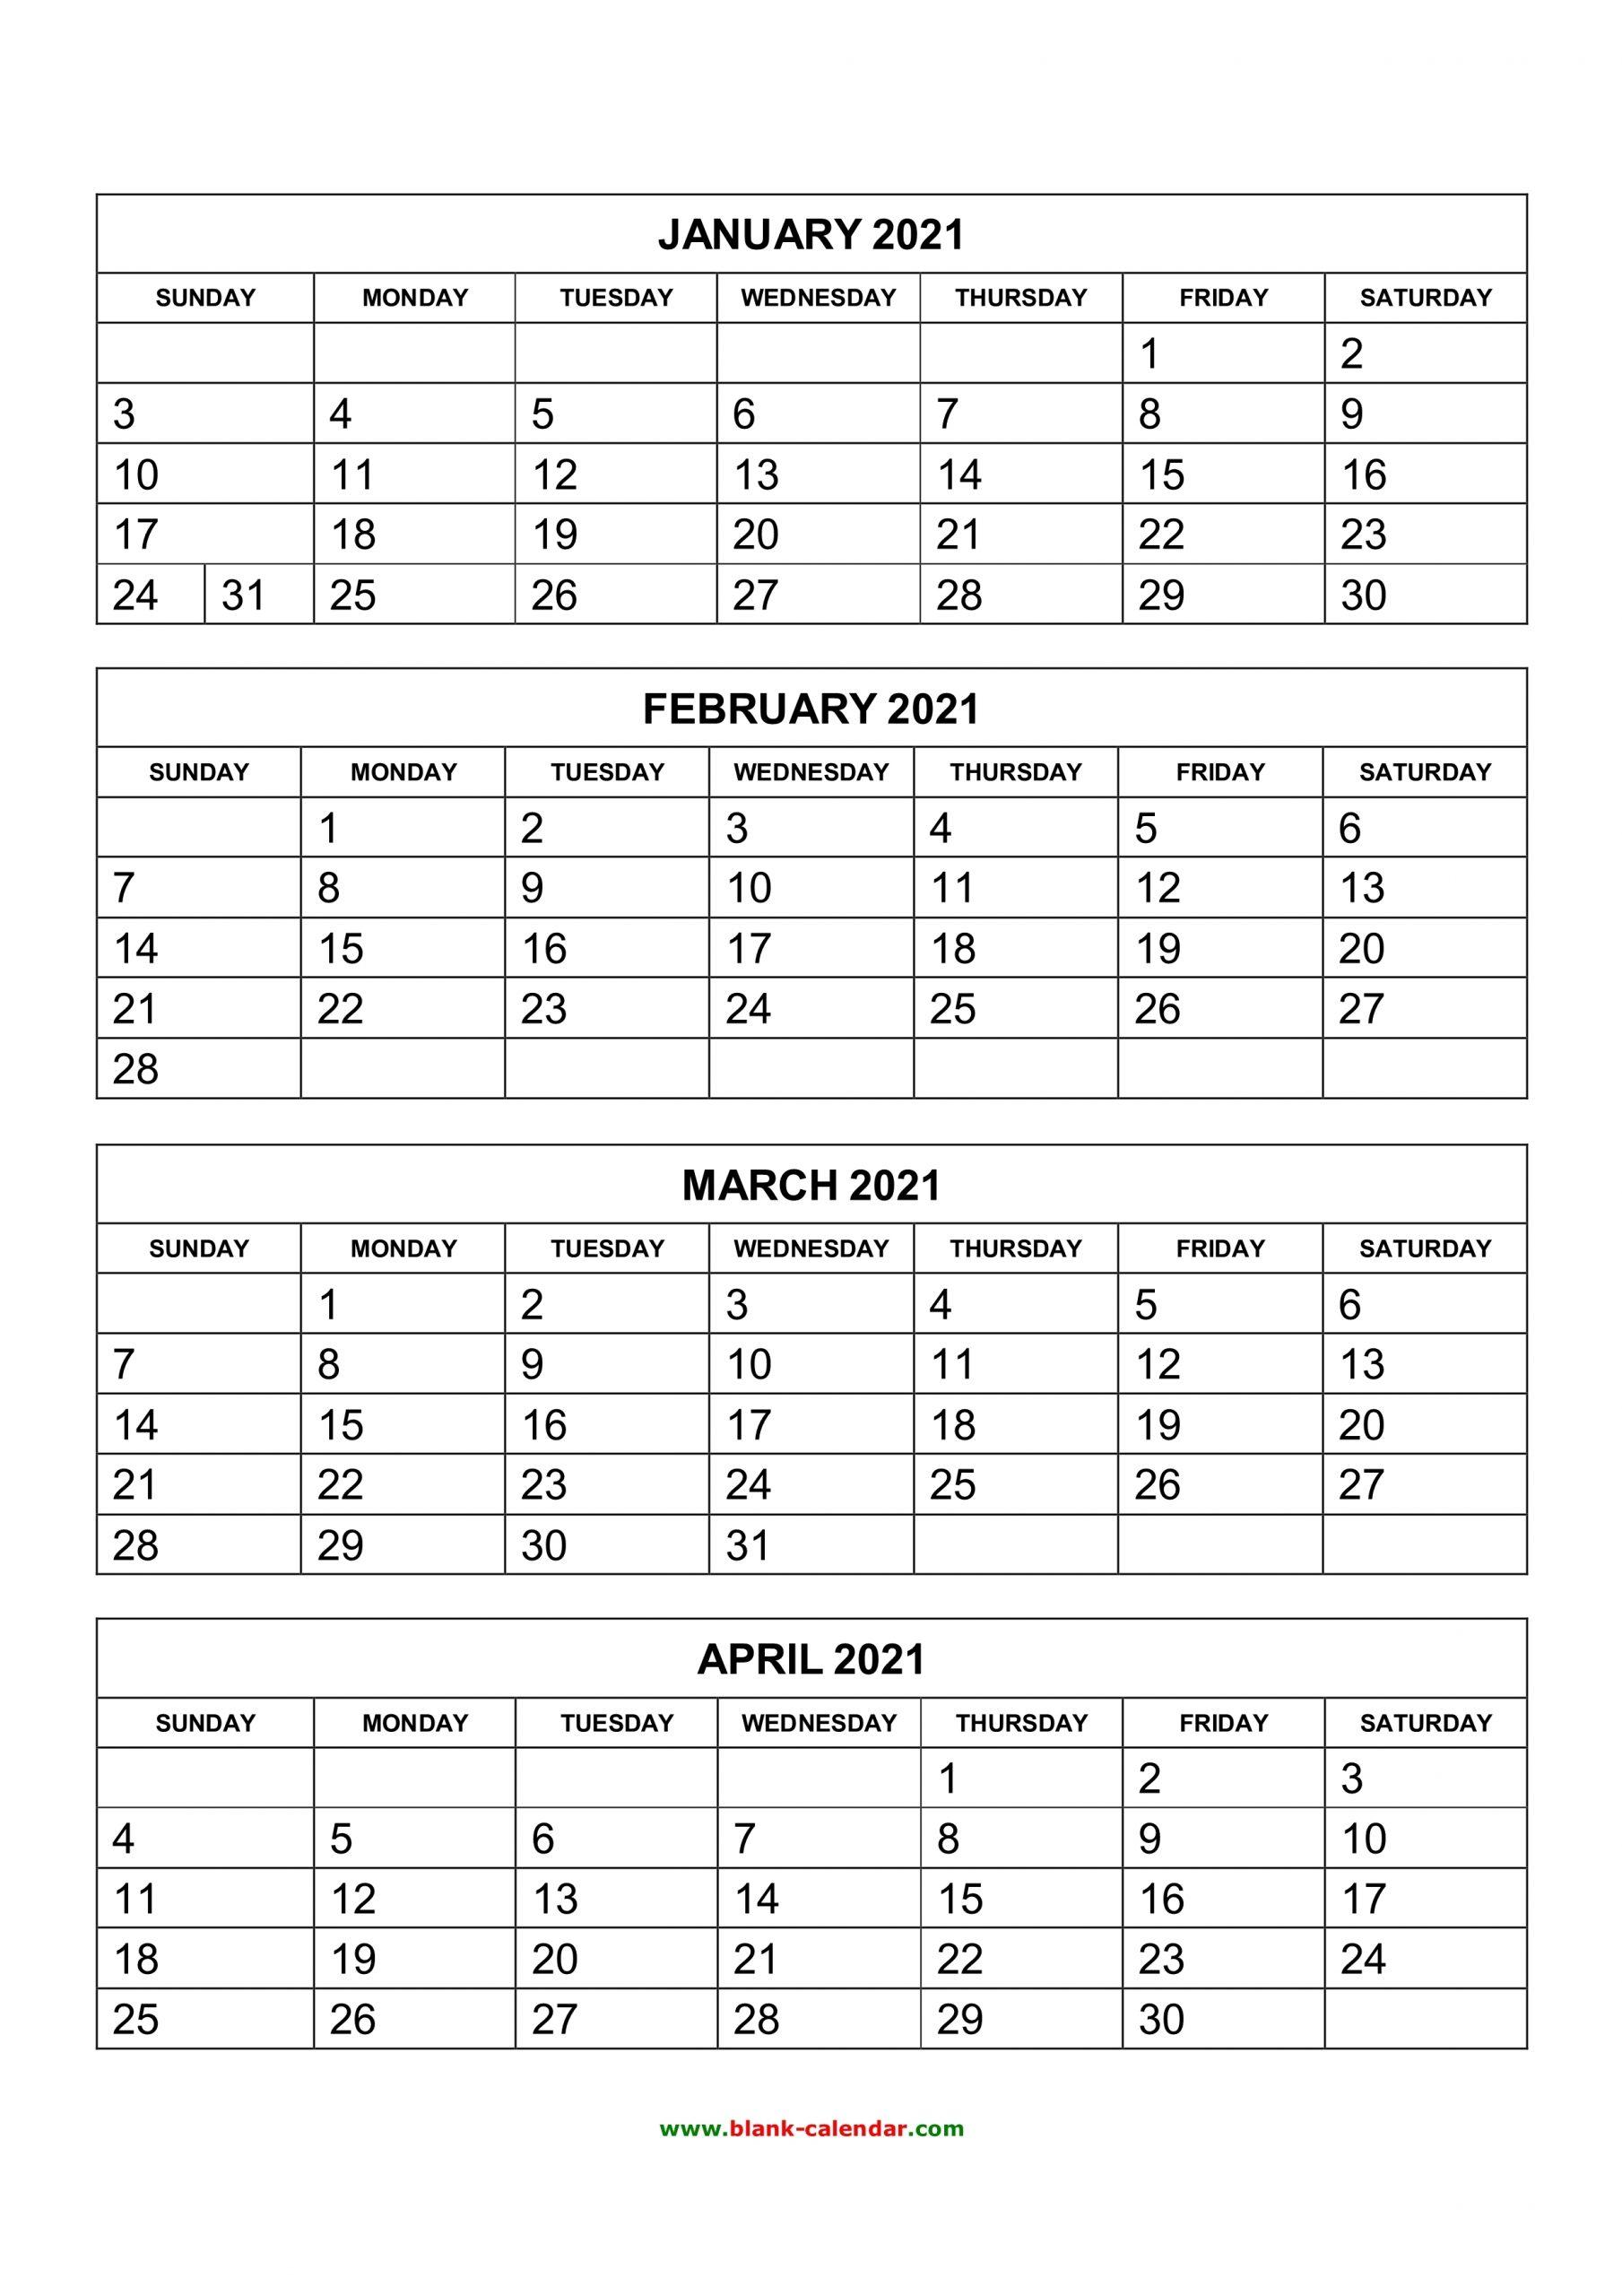 Get Four Month Calendar Template Word